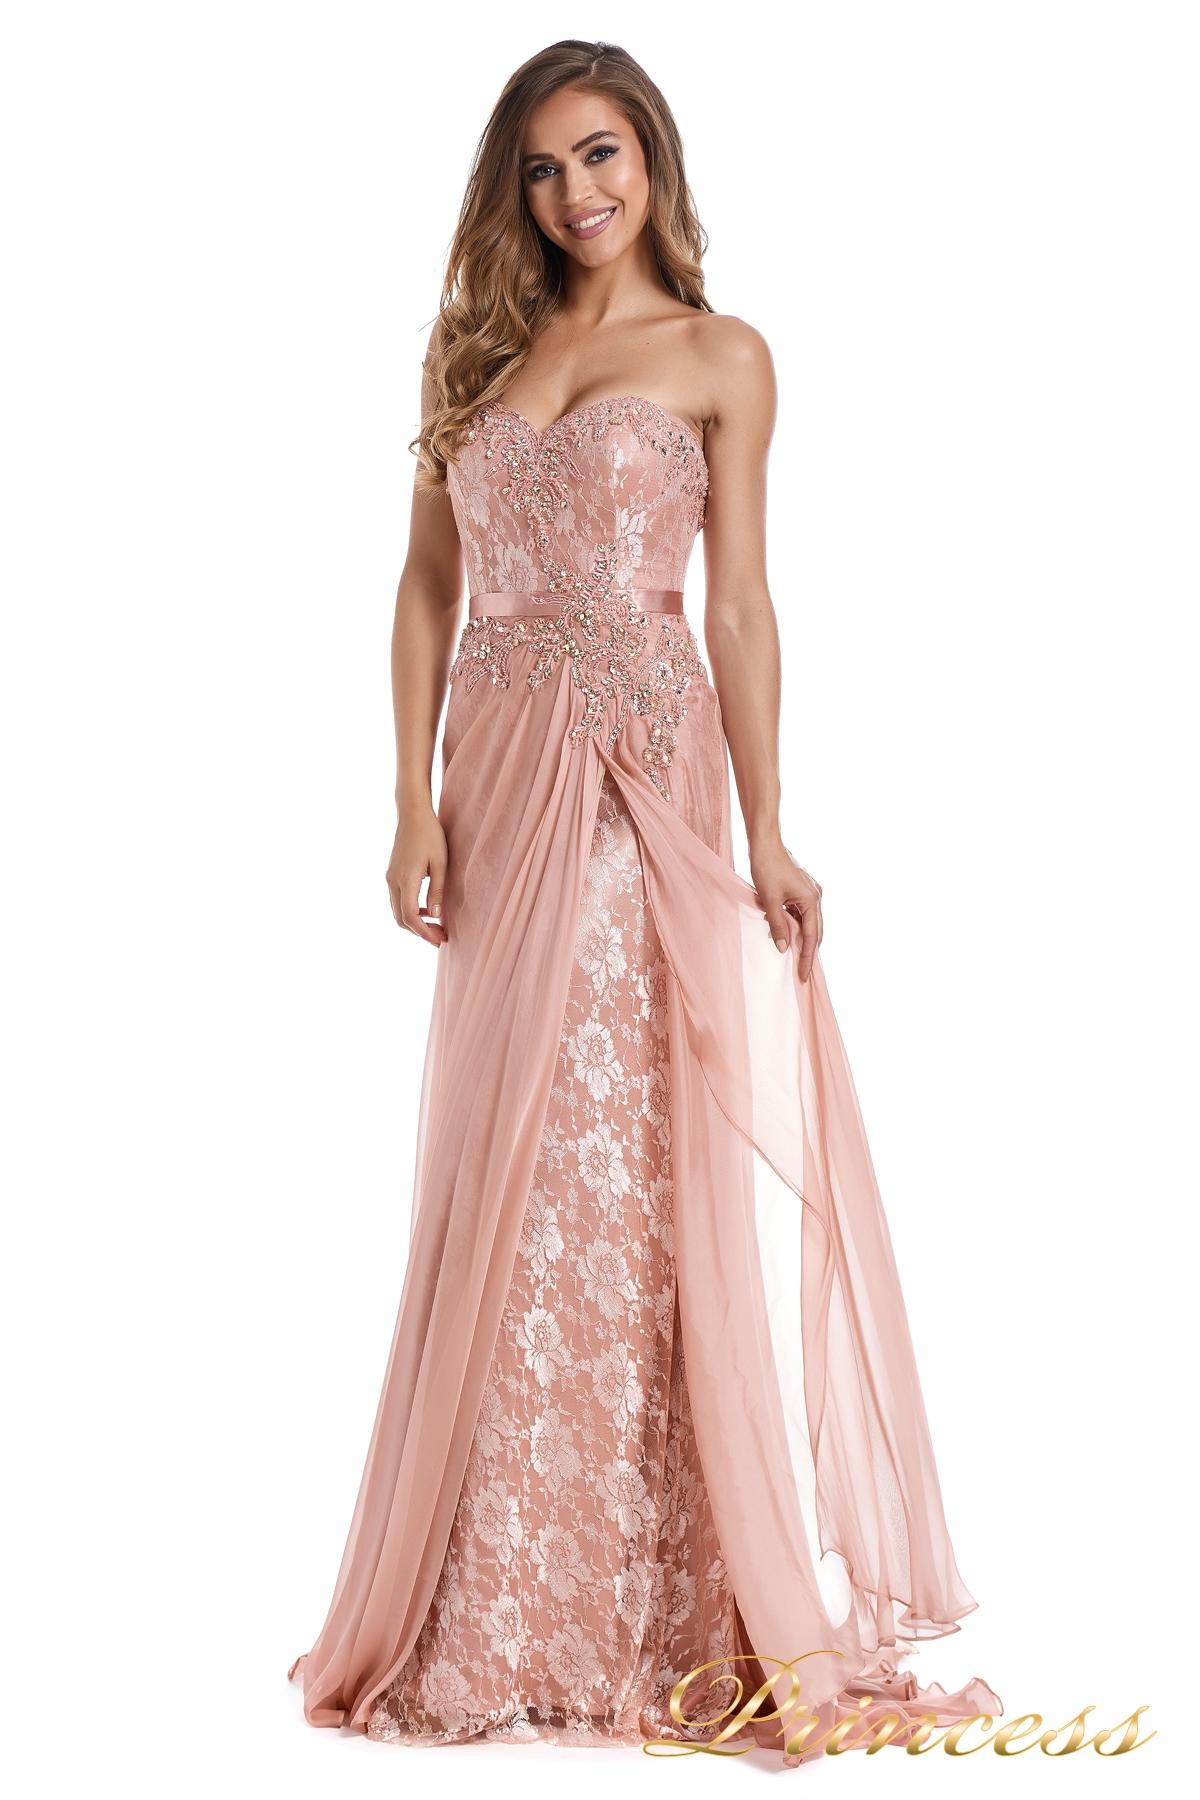 b336c6c753bceb7 Купить вечернее платье 12012 розового цвета по цене 27000 руб. в ...